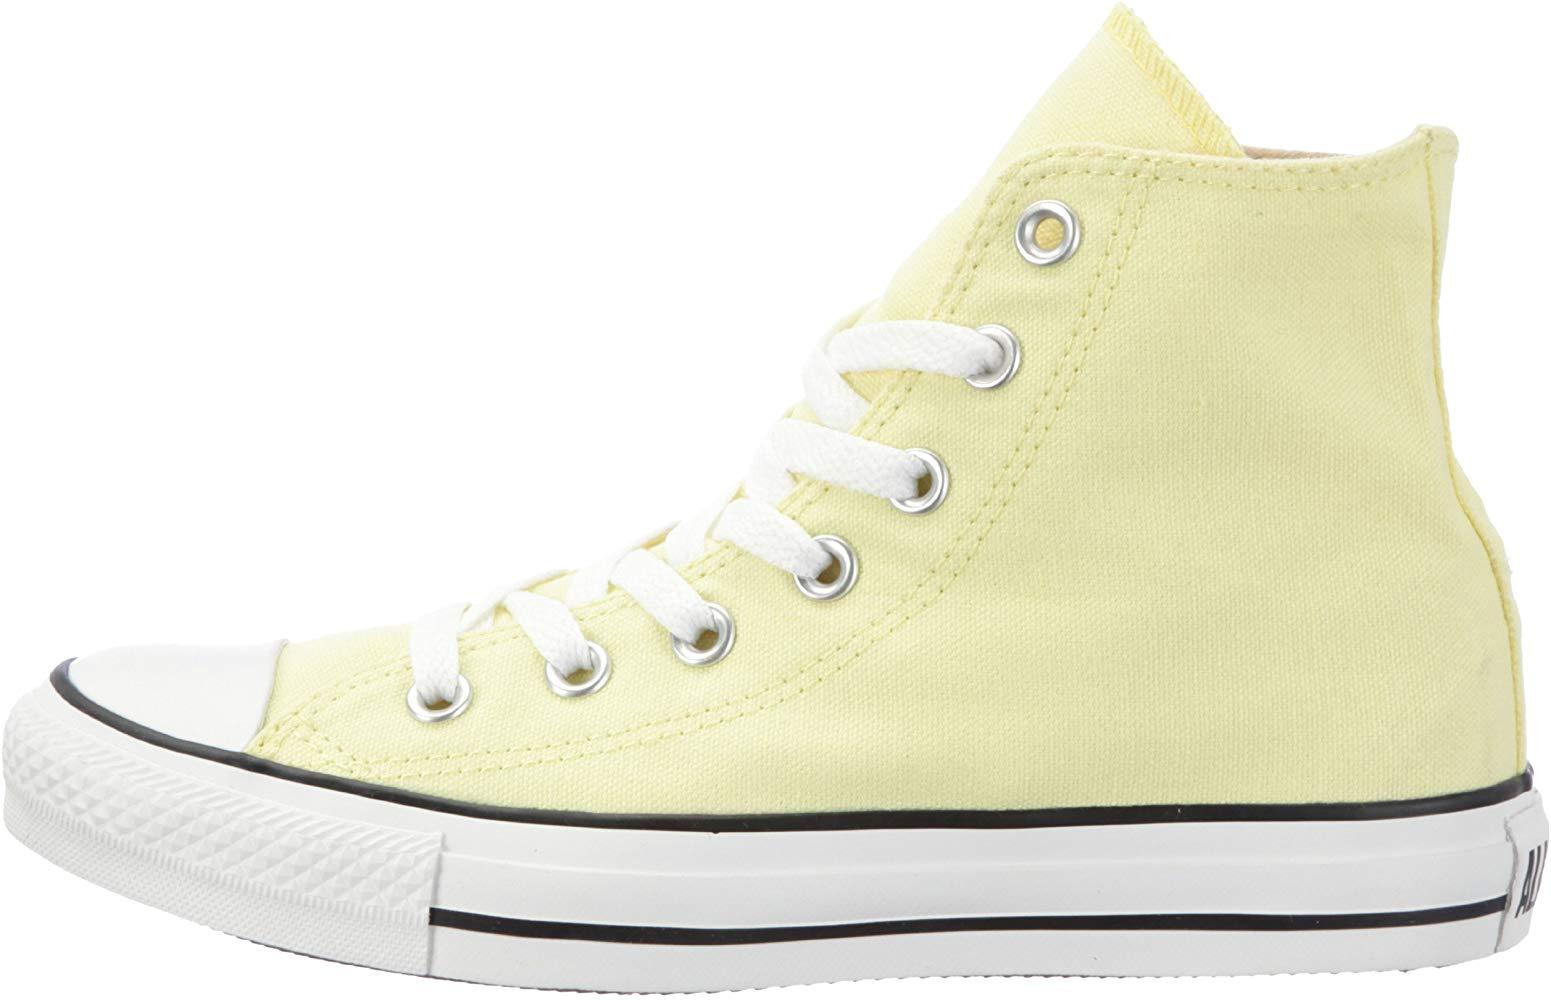 נעלע אולסטאר צהוב נשים Converse Yellow